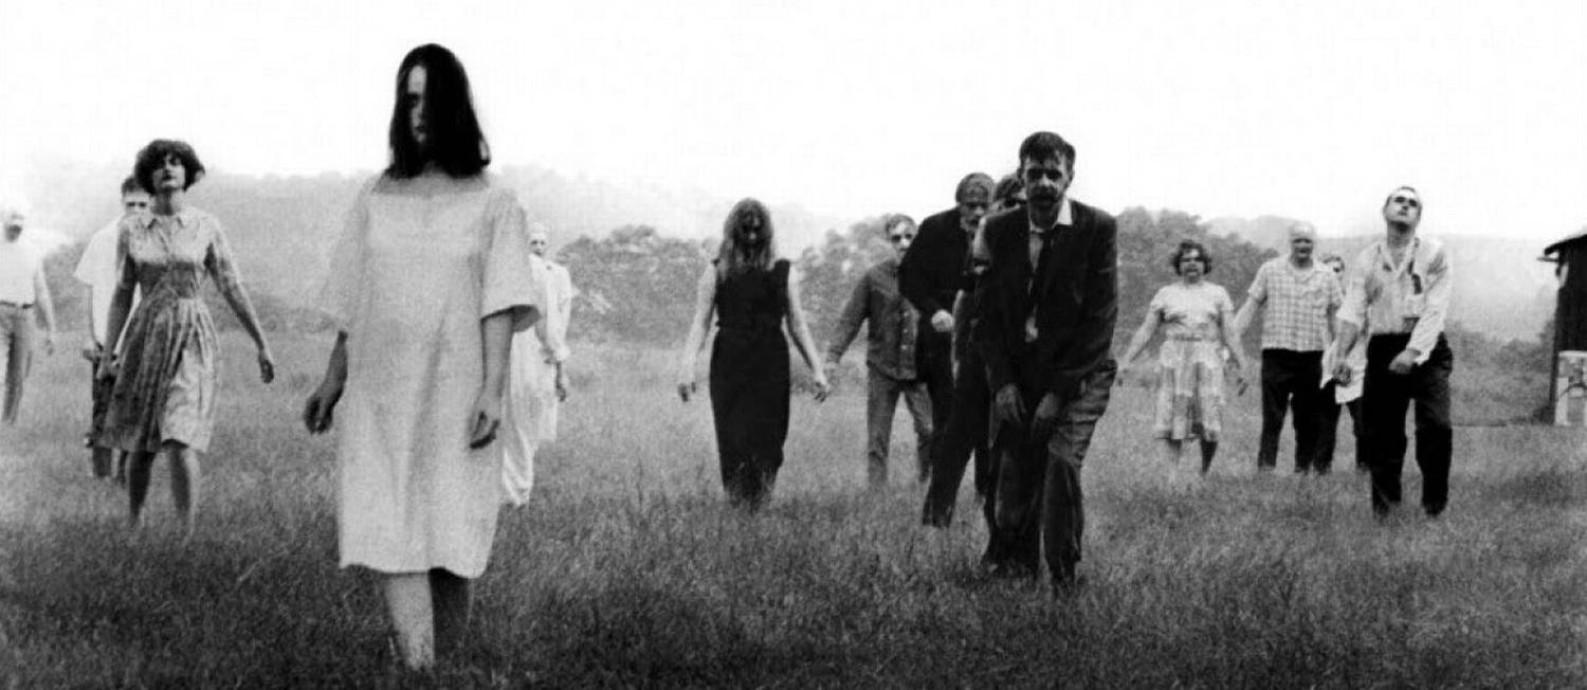 Cena de 'A noite dos mortos-vivos', de George Romero, clássico dos filmes de zumbis Foto: Reprodução